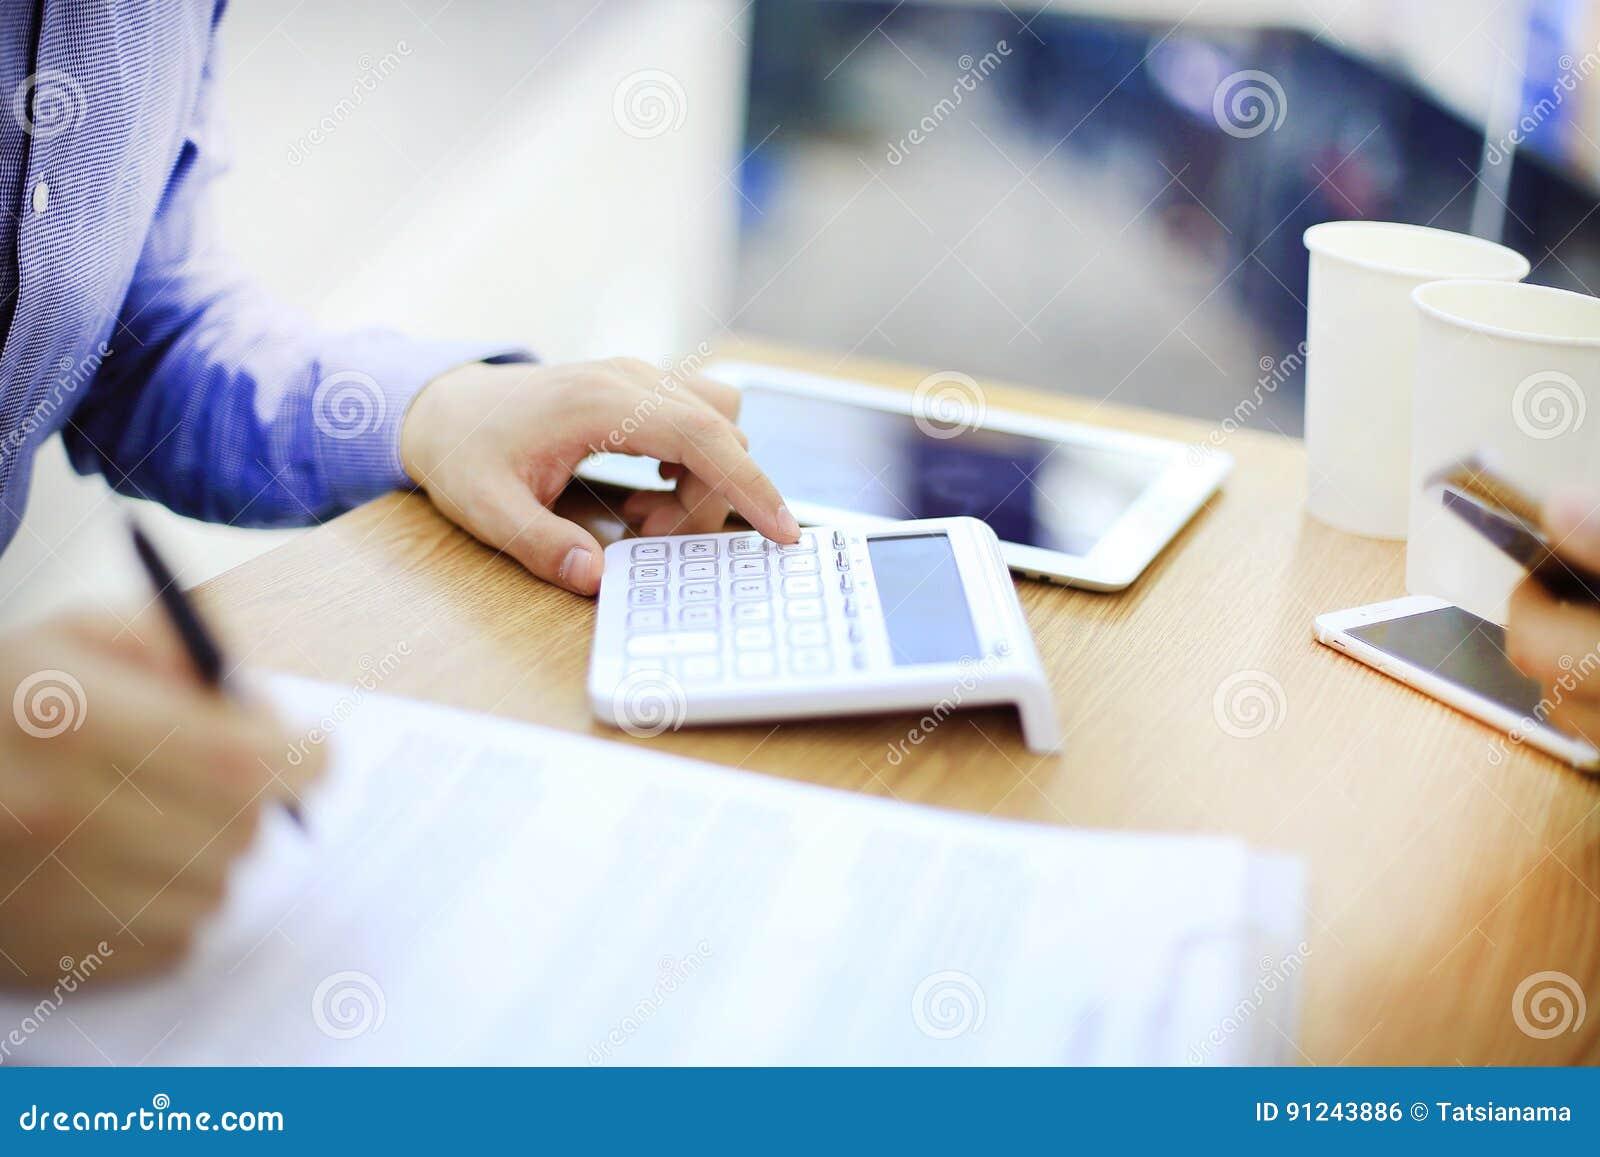 Homme d affaires utilisant une calculatrice pour calculer des nombres